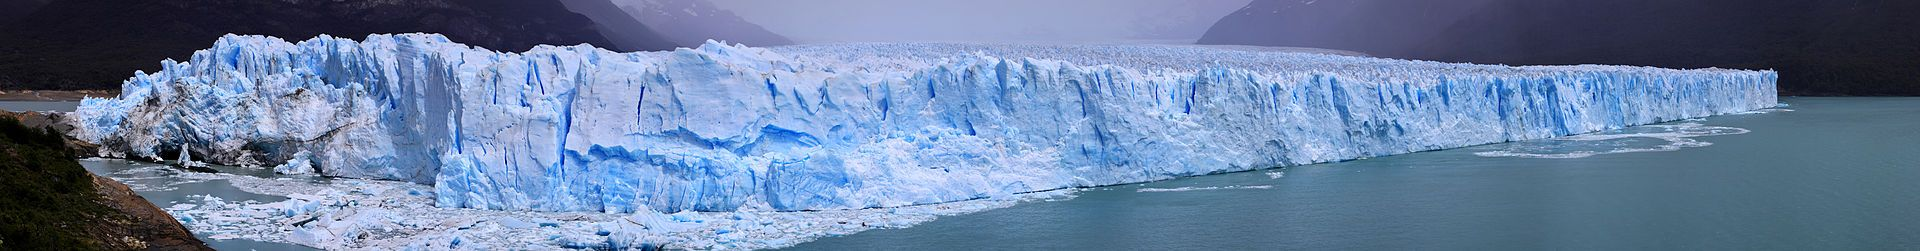 Perito Moreno Wikipedia Wolna Encyklopedia Parque Nacional Los Glaciares Peritos Glaciares